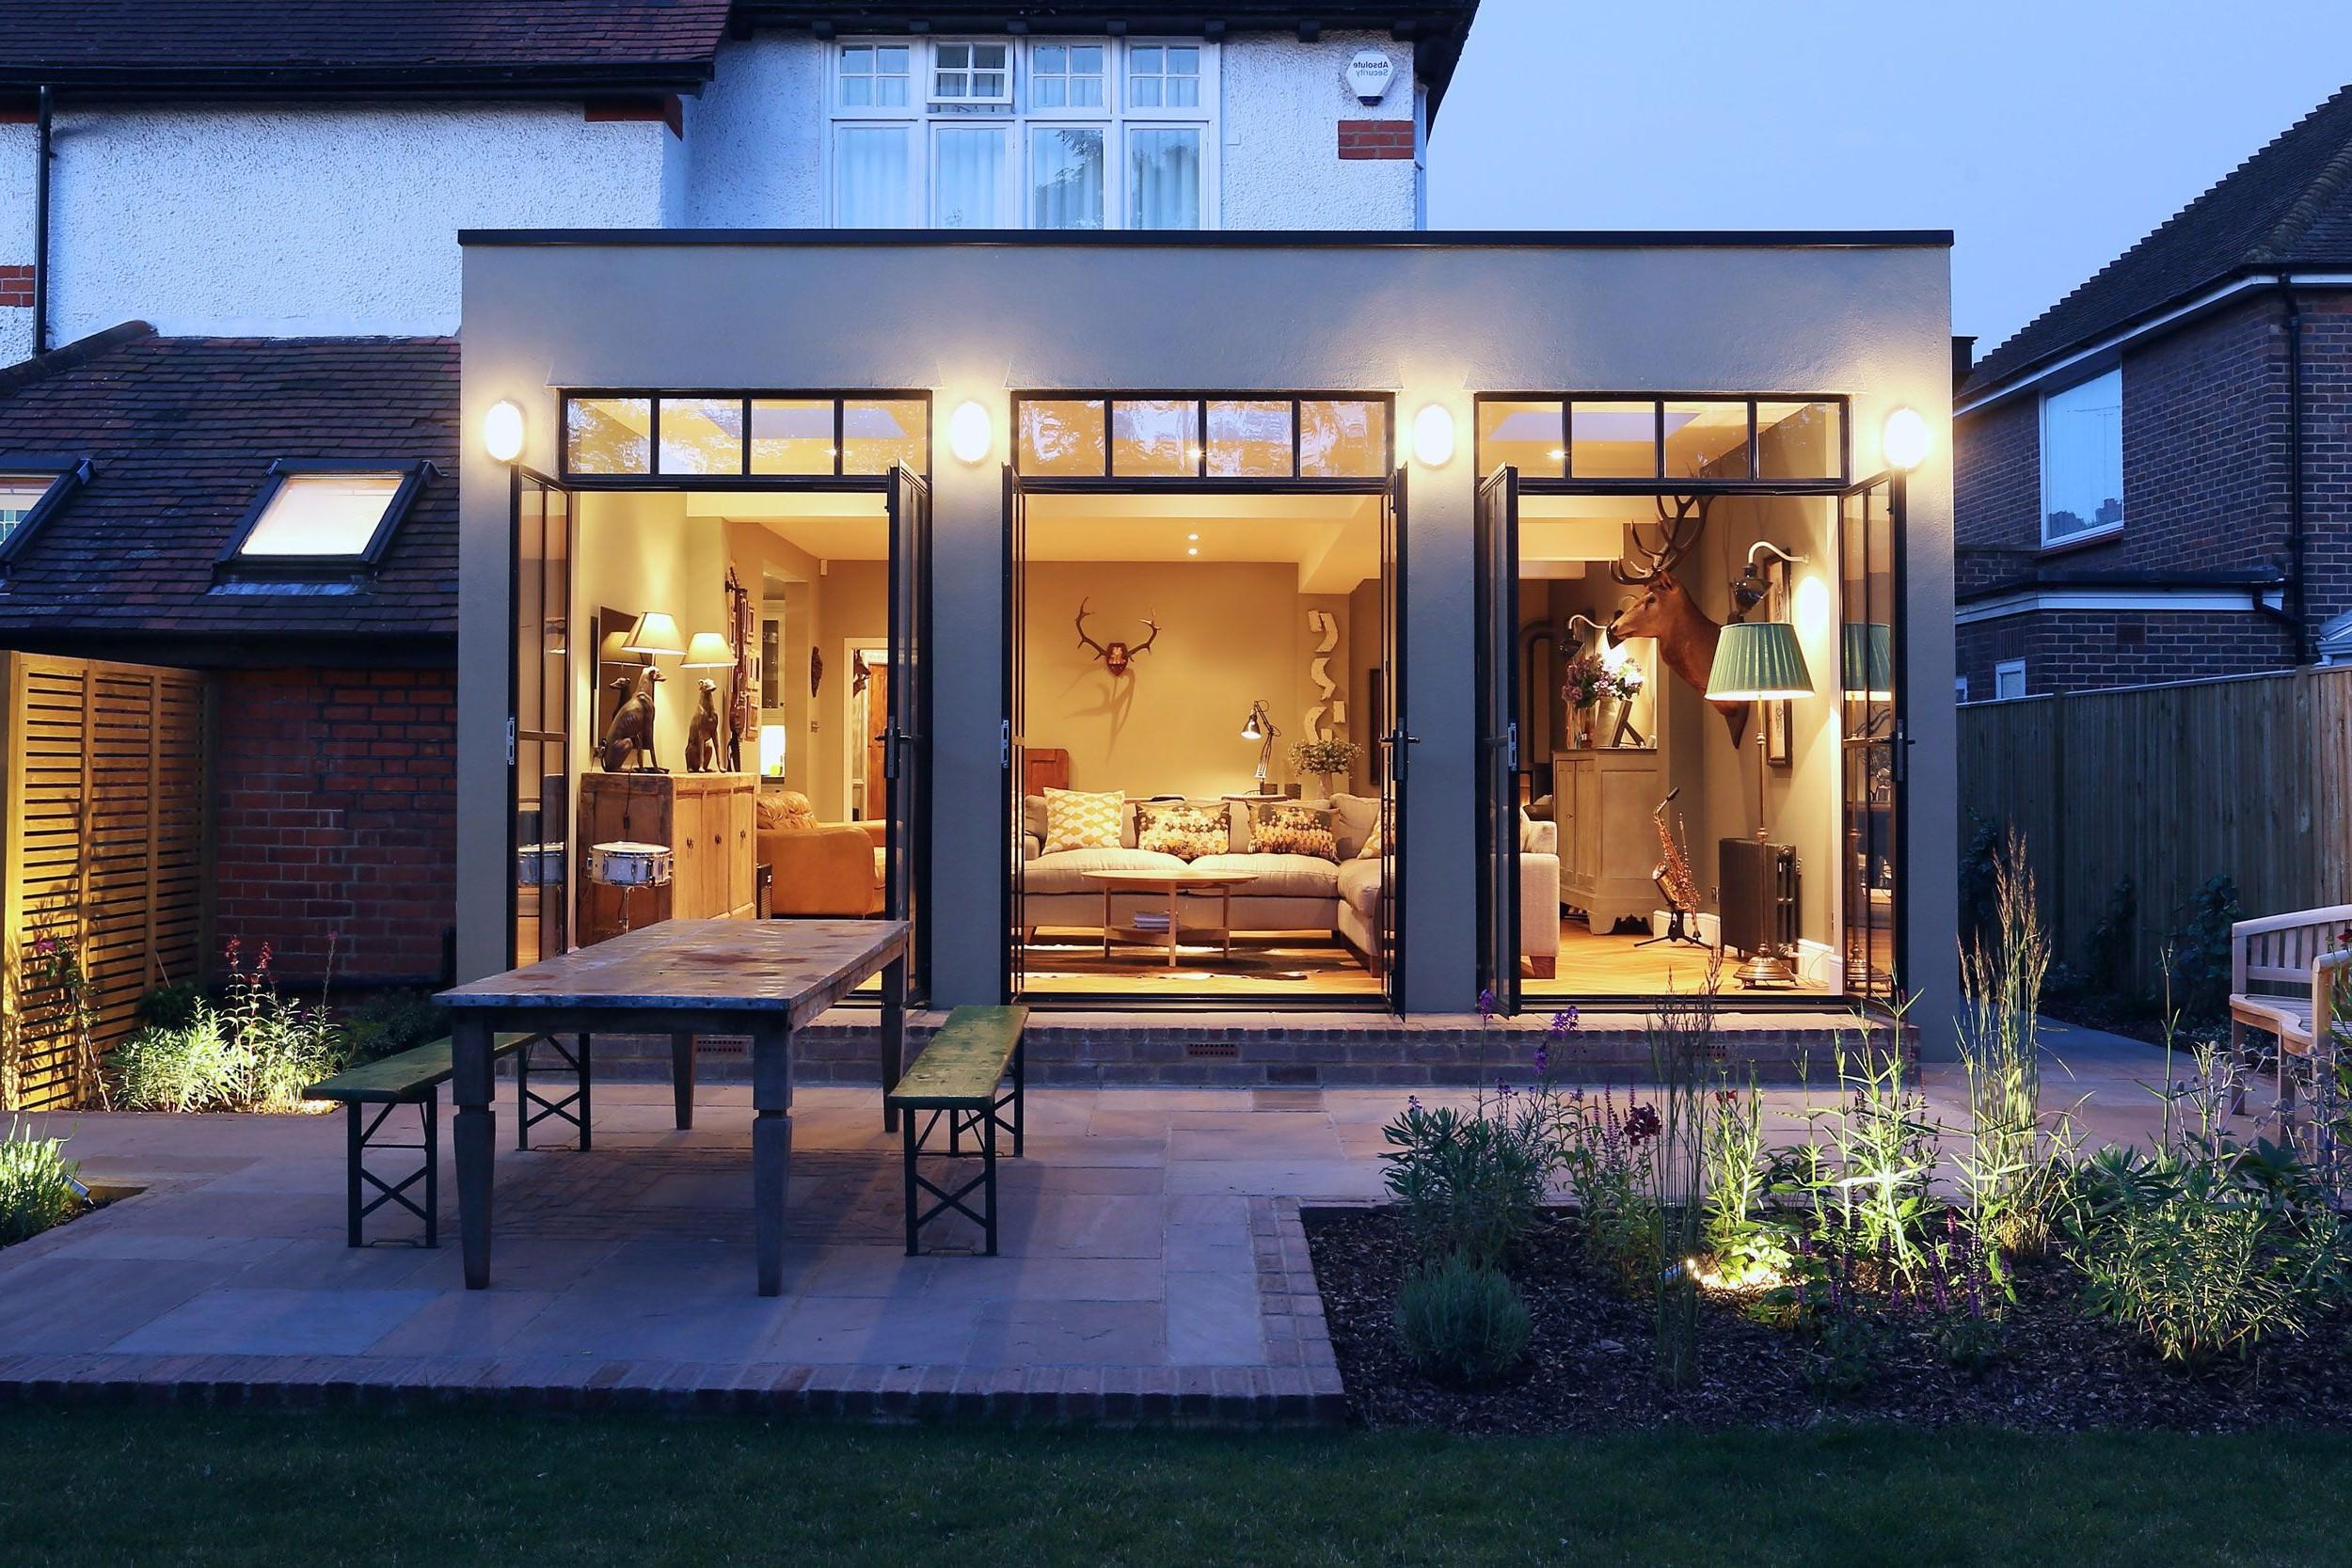 Les extensions de deux étages sont généralement utilisées pour créer une cuisine ouverte, salle à manger, coin salon avec porte vitrée donnant accès au jardin.